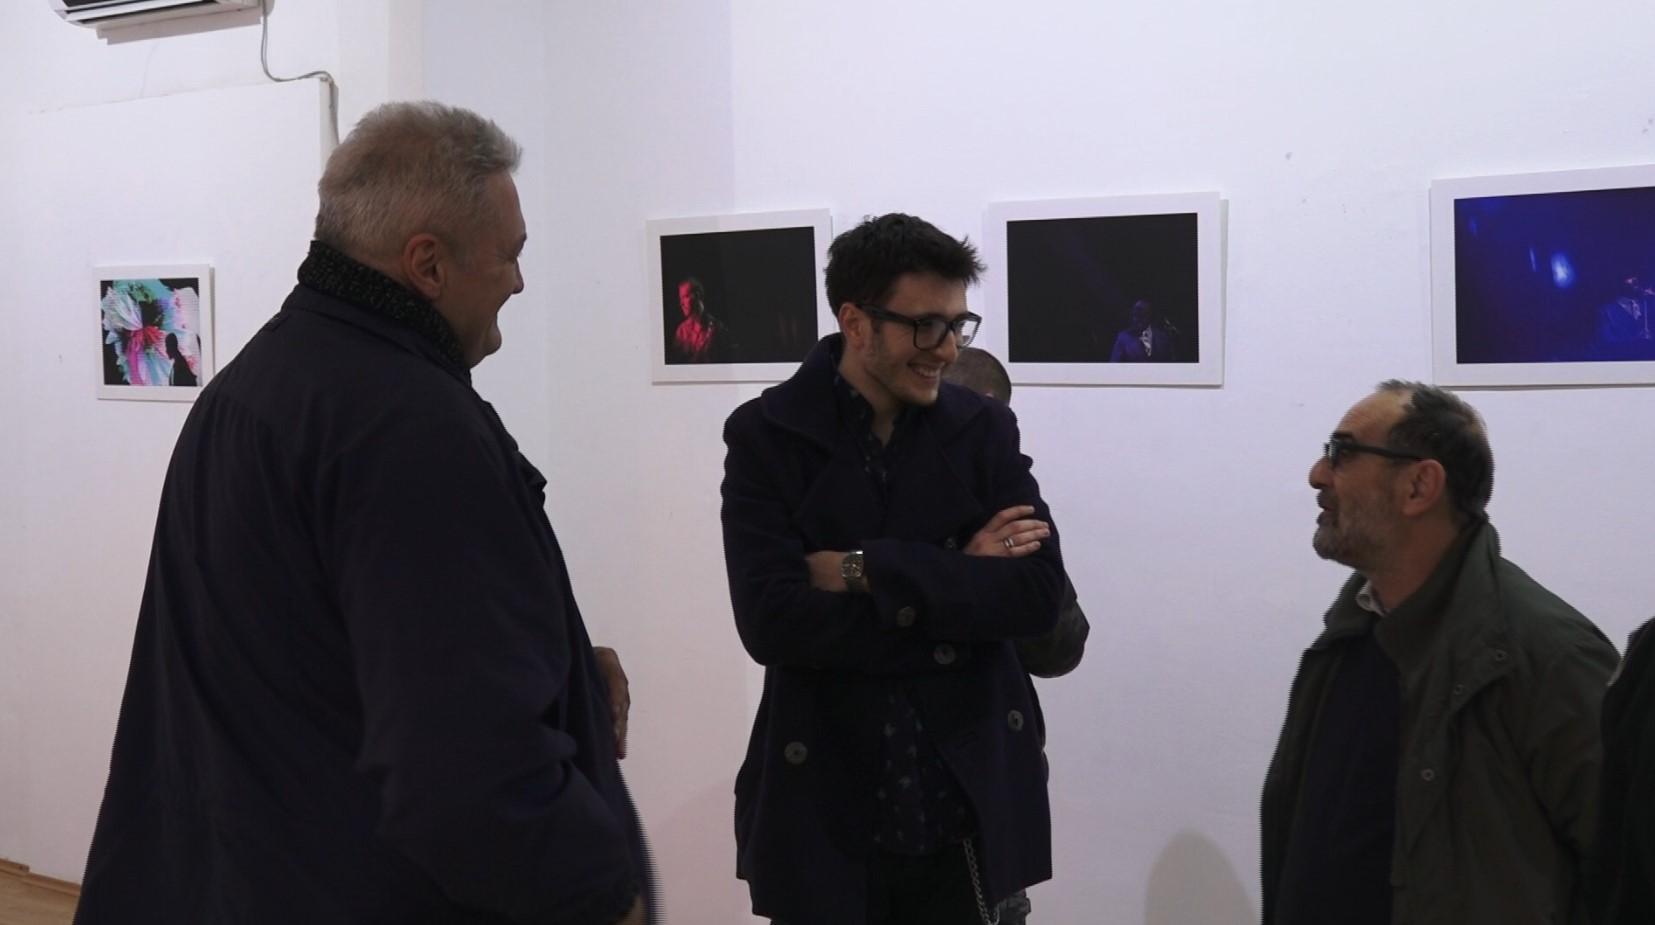 Nemanja Zivkovic izlozba fotografija